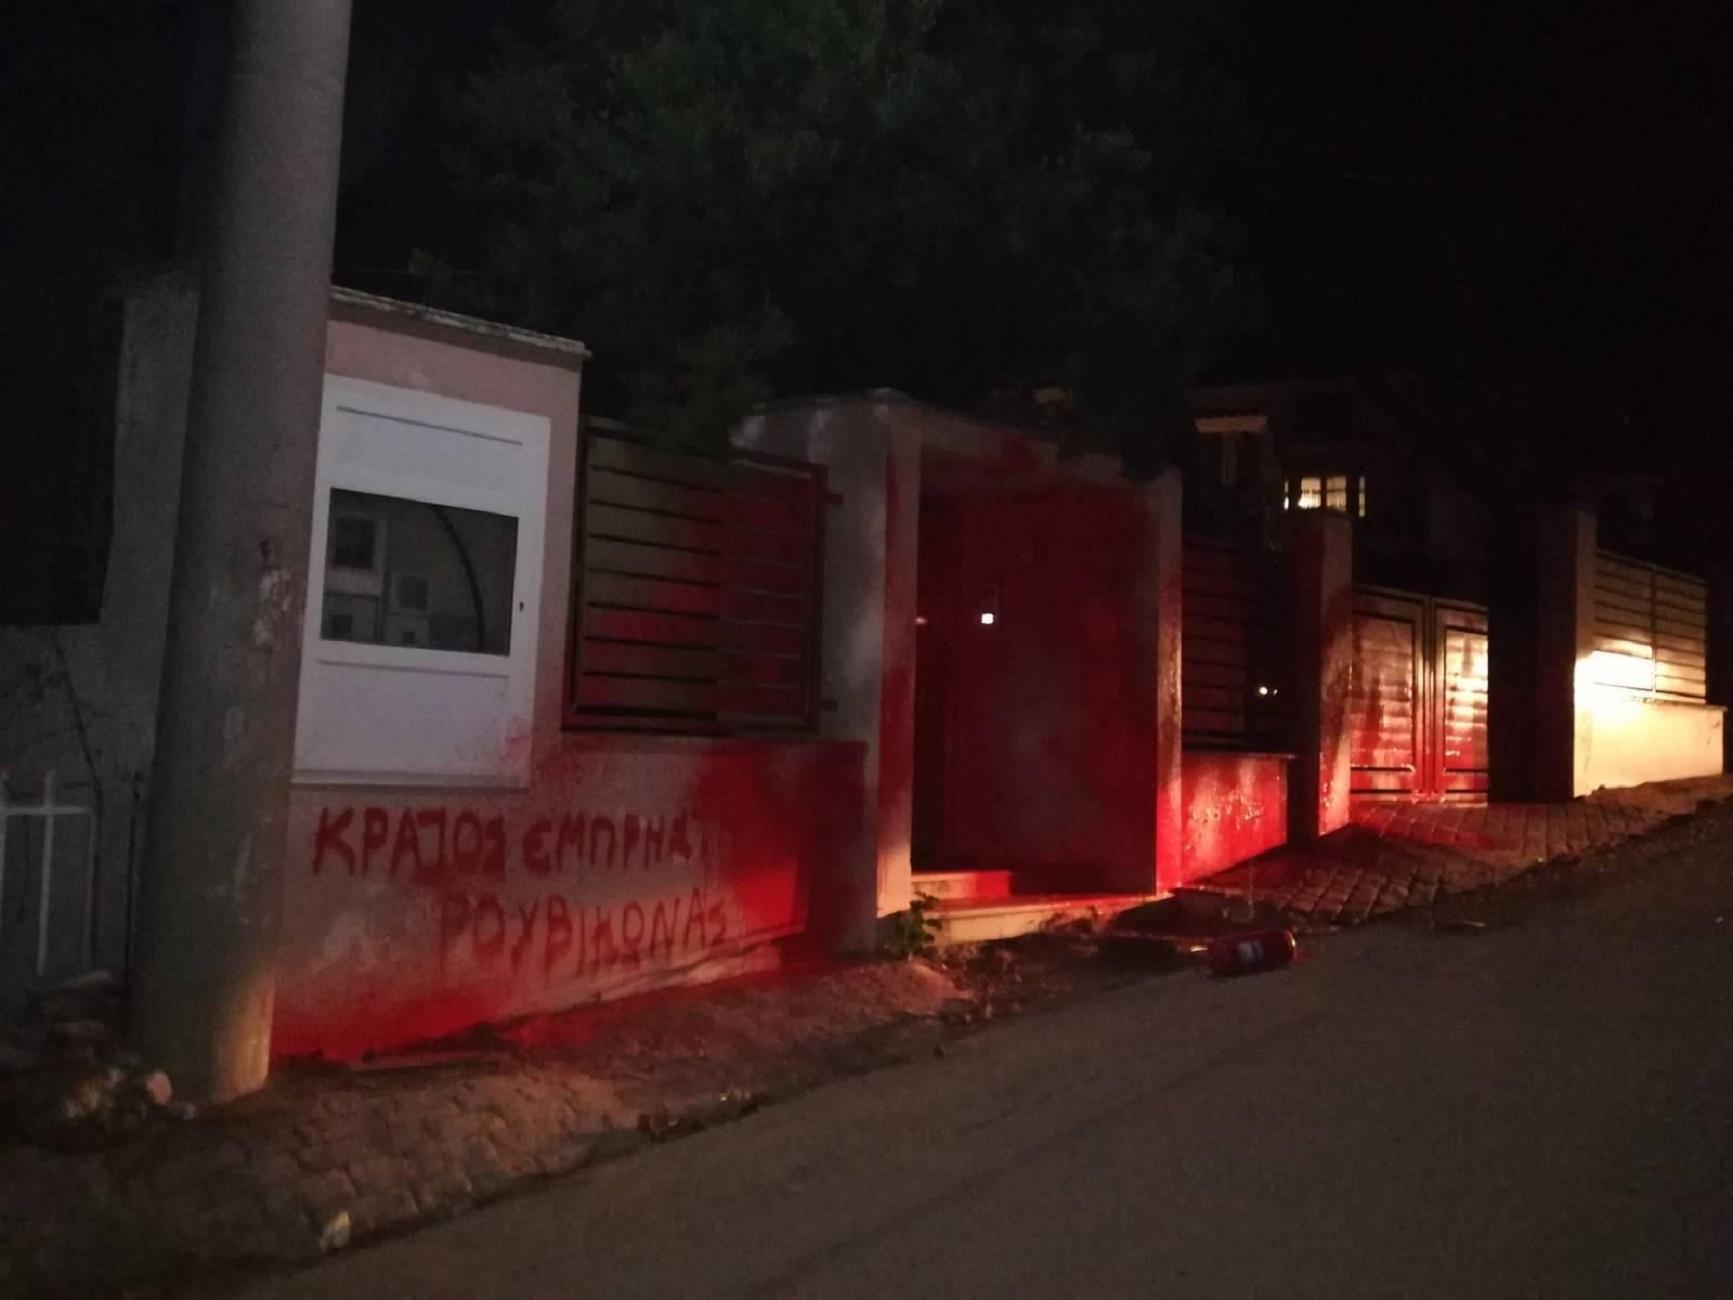 Ρουβίκωνας: Επίθεση στο σπίτι του υπουργού Περιβάλλοντος Κώστα Σκρέκα